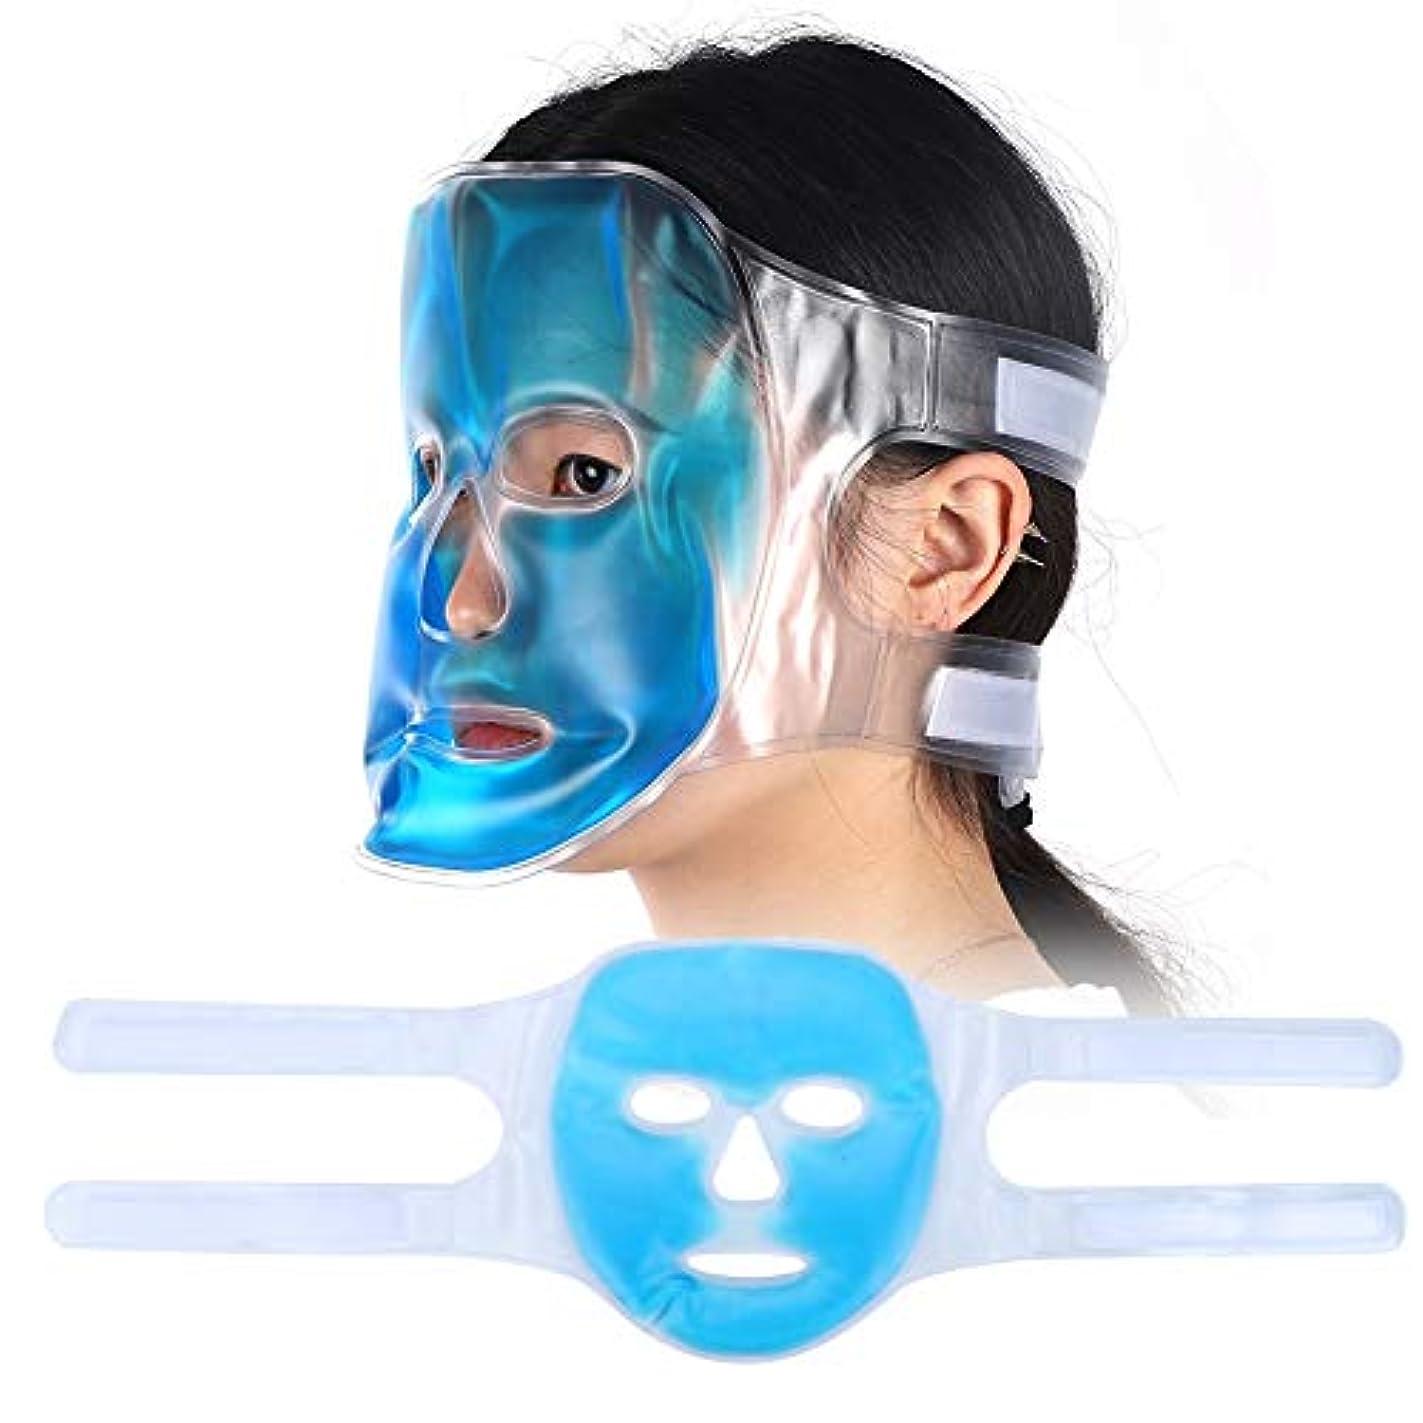 明示的にレイアウトリス非毒性 保湿 ジェルブルーフェイスマスク 疲労緩和 リラクゼーションフルフェイスクーリングマスク